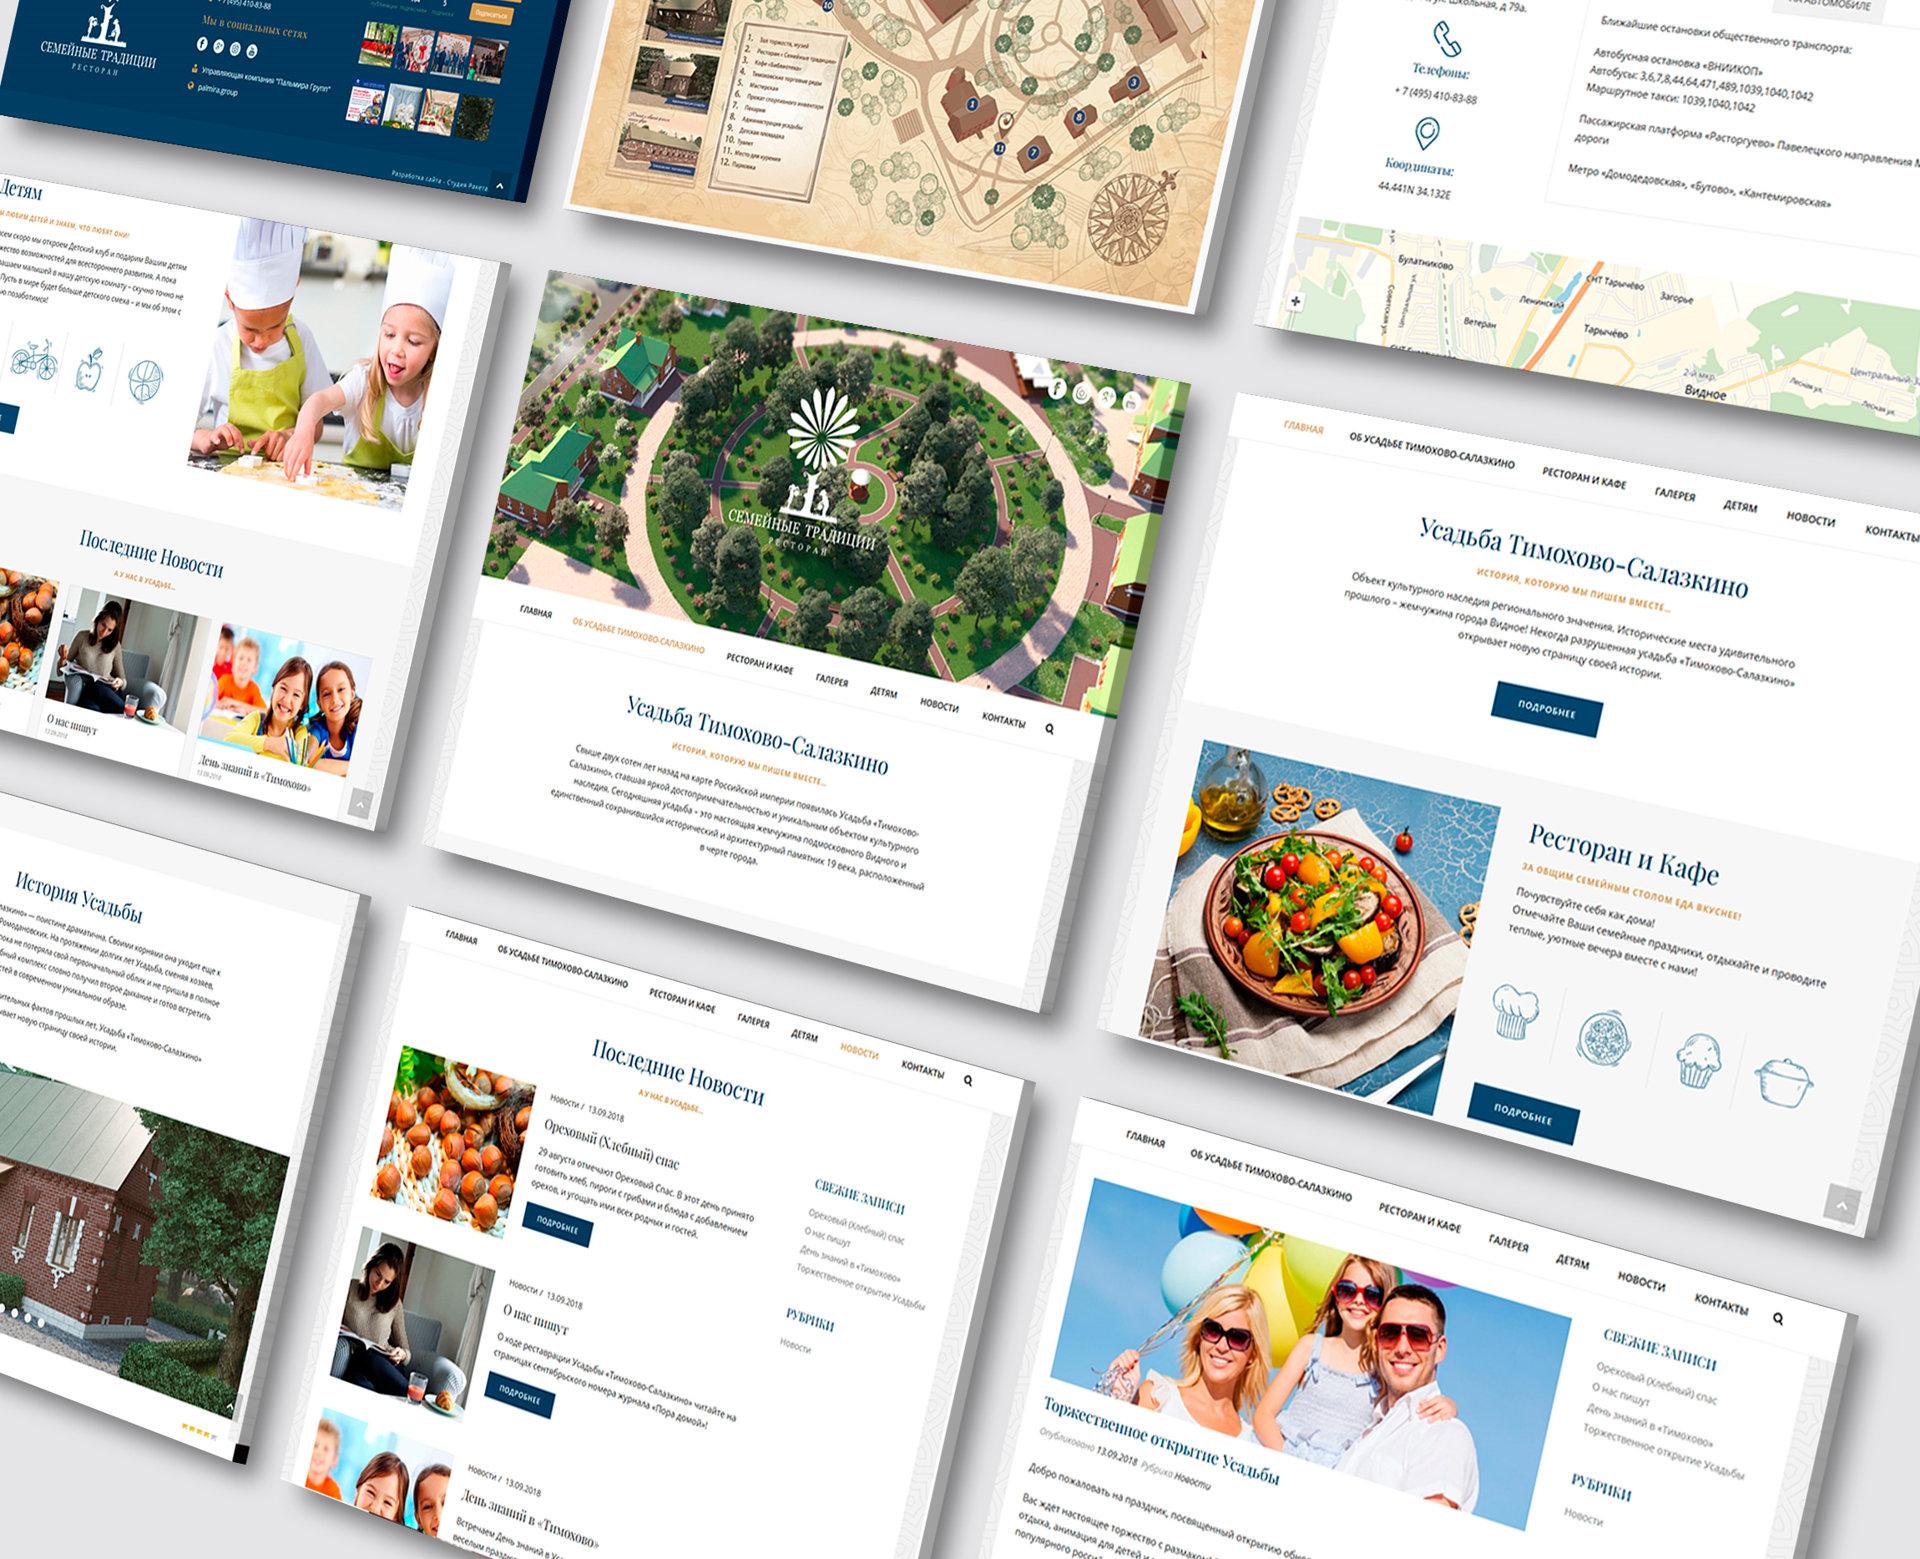 Разработка сайта для усадьбы Тимохово-Салазкино